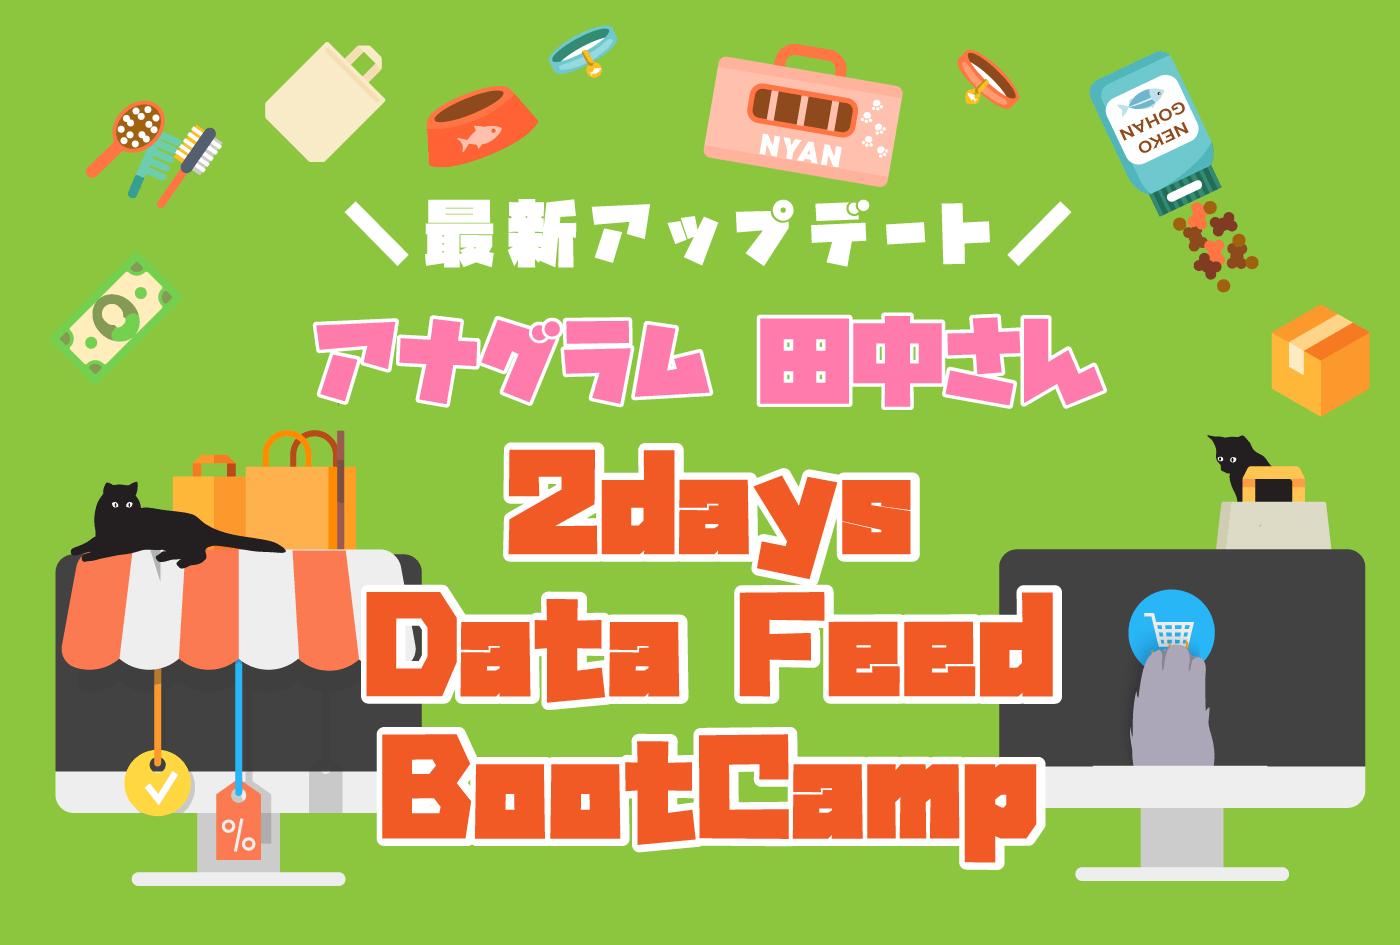 【大阪開催】10月3日(木)~4日(金) 、「知識ゼロから始める、データフィード広告『2days Data Feed BootCamp!』」を開催いたします